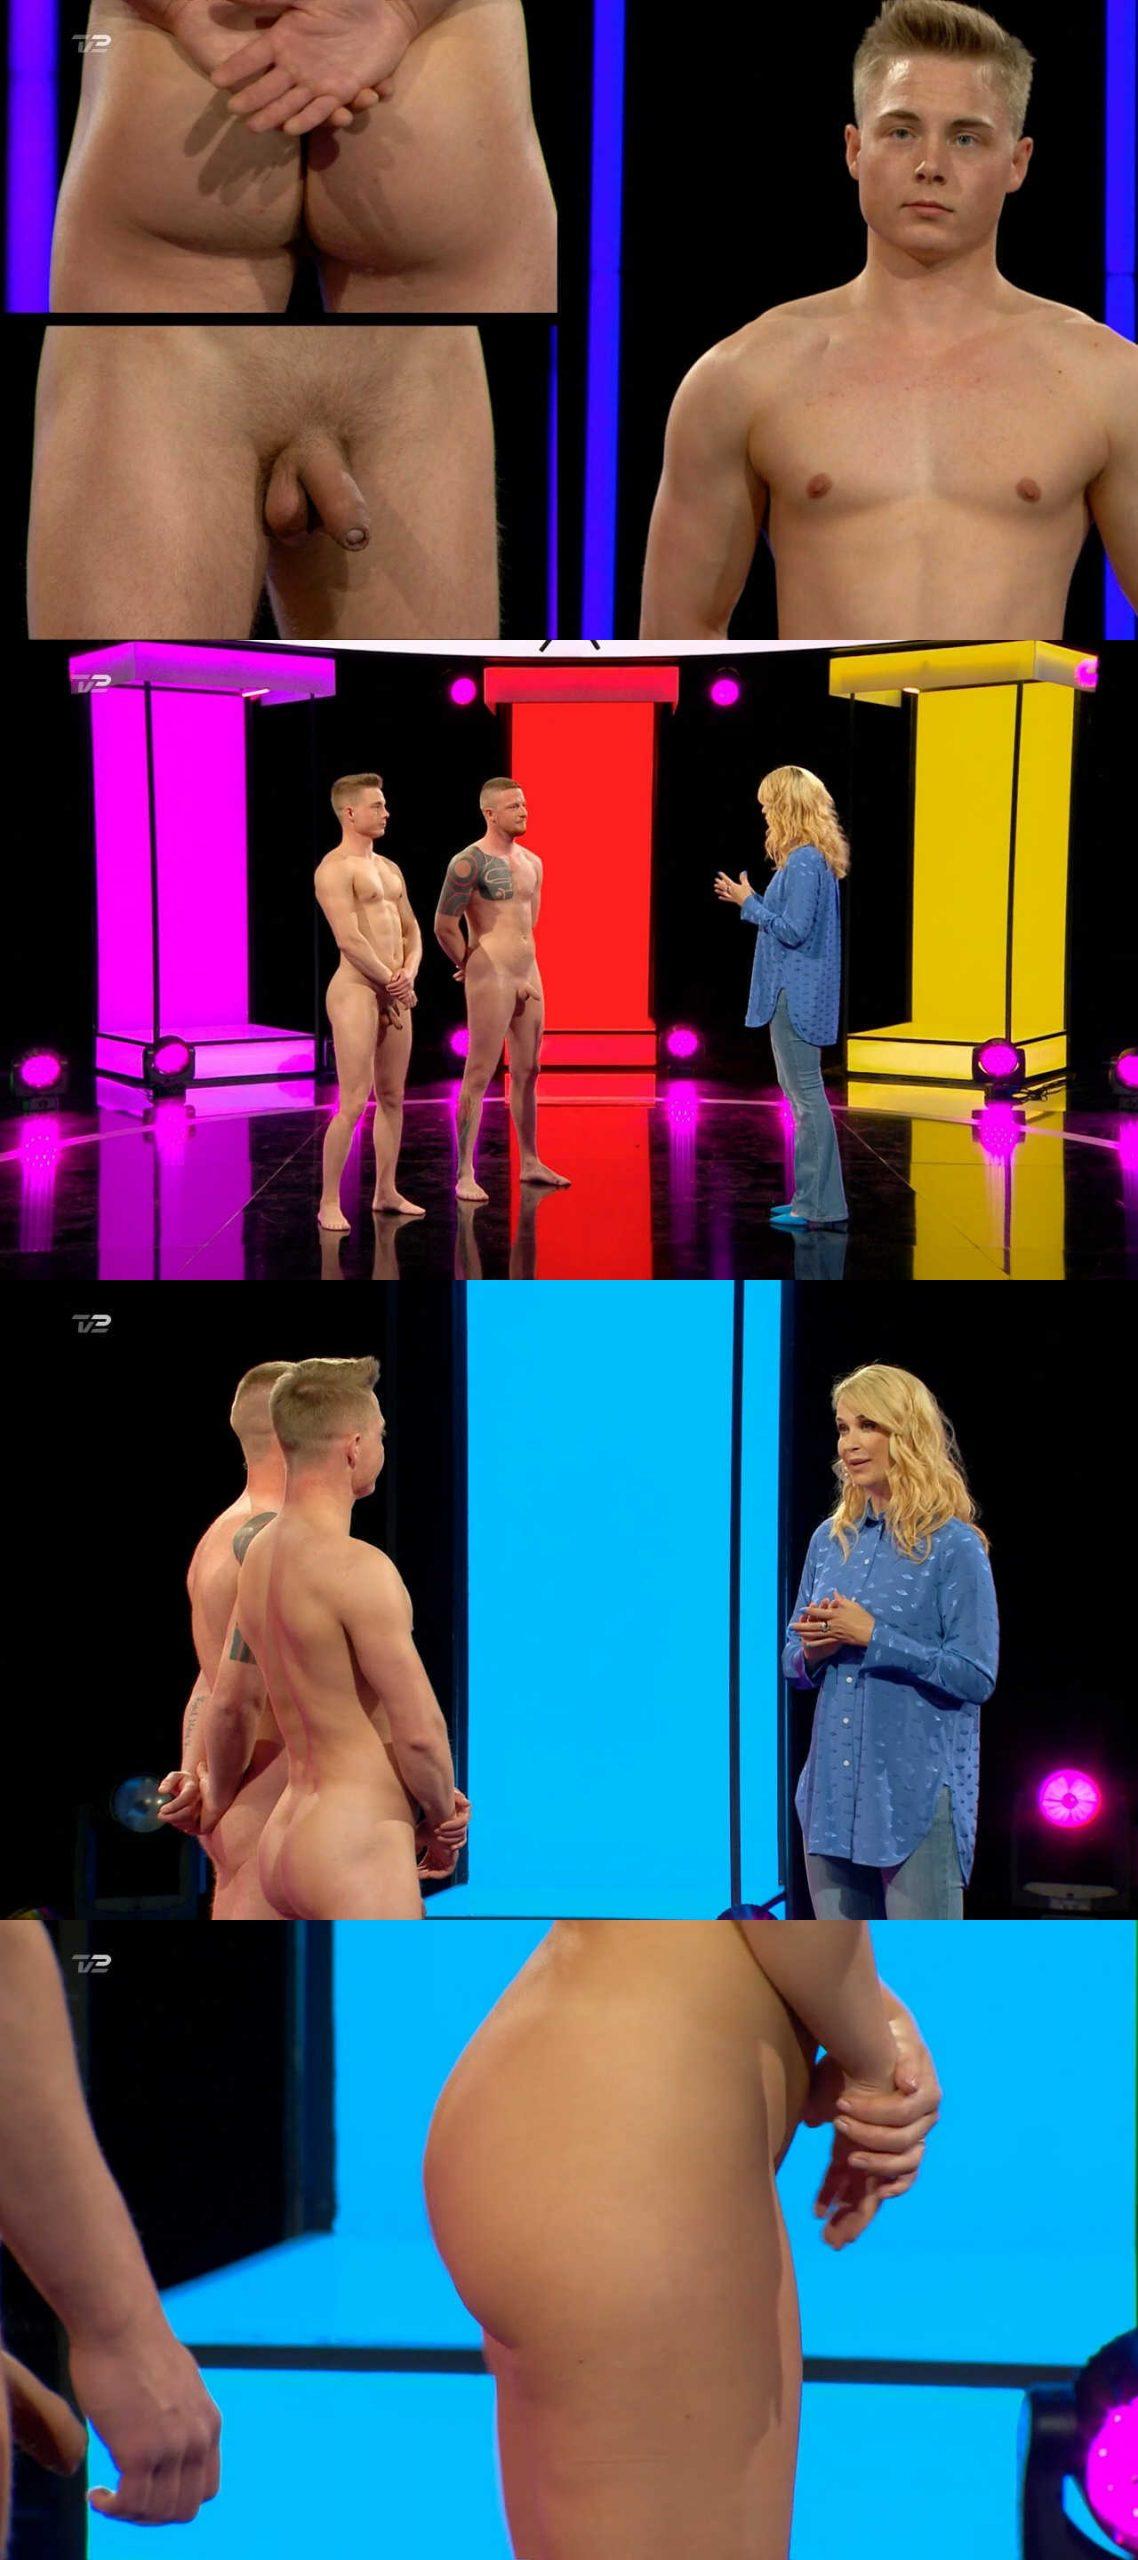 jasper naked attraction denmark